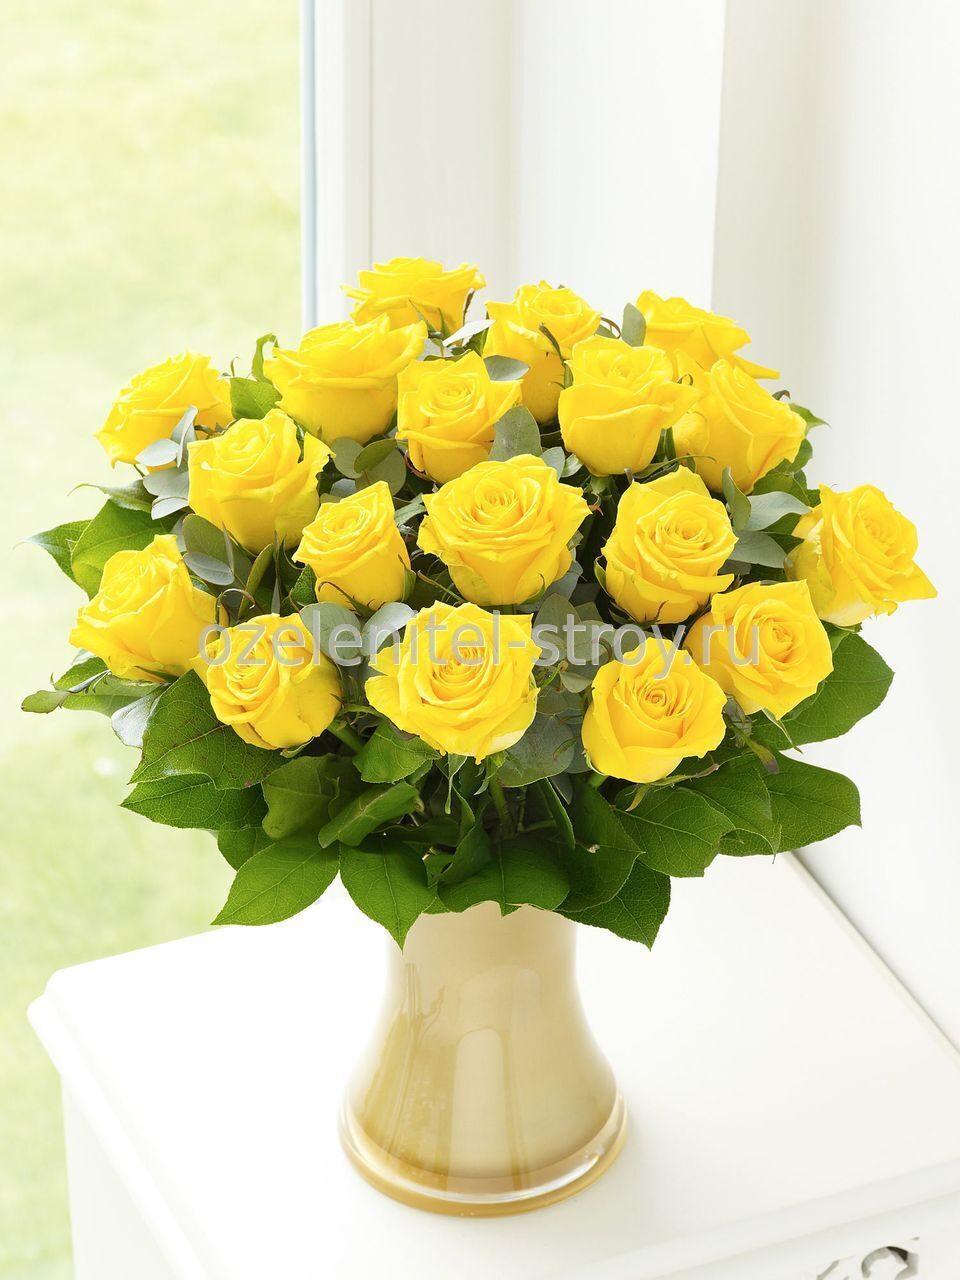 Интернет магазин цветов Slava Rosca. Доставка цветов